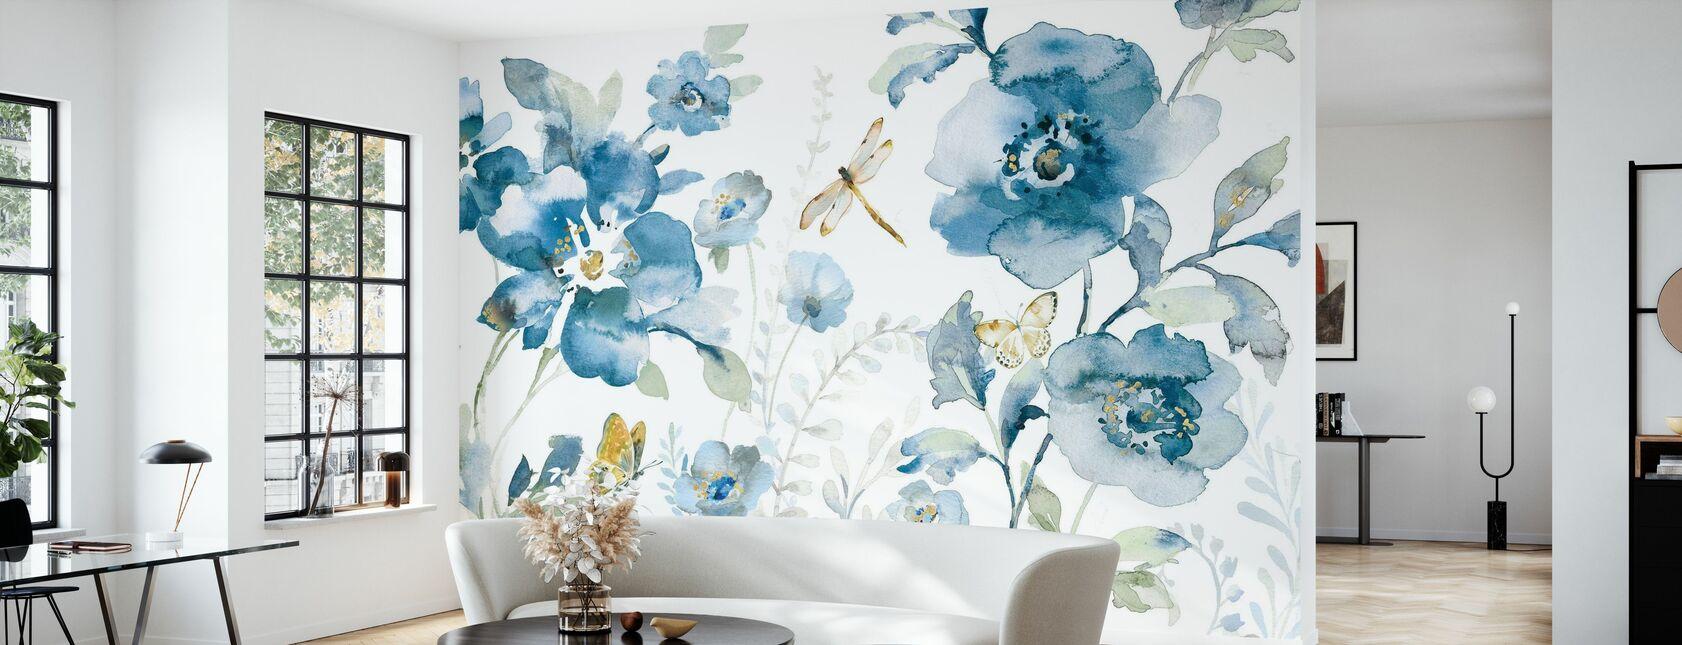 Blues of Summer - Wallpaper - Living Room